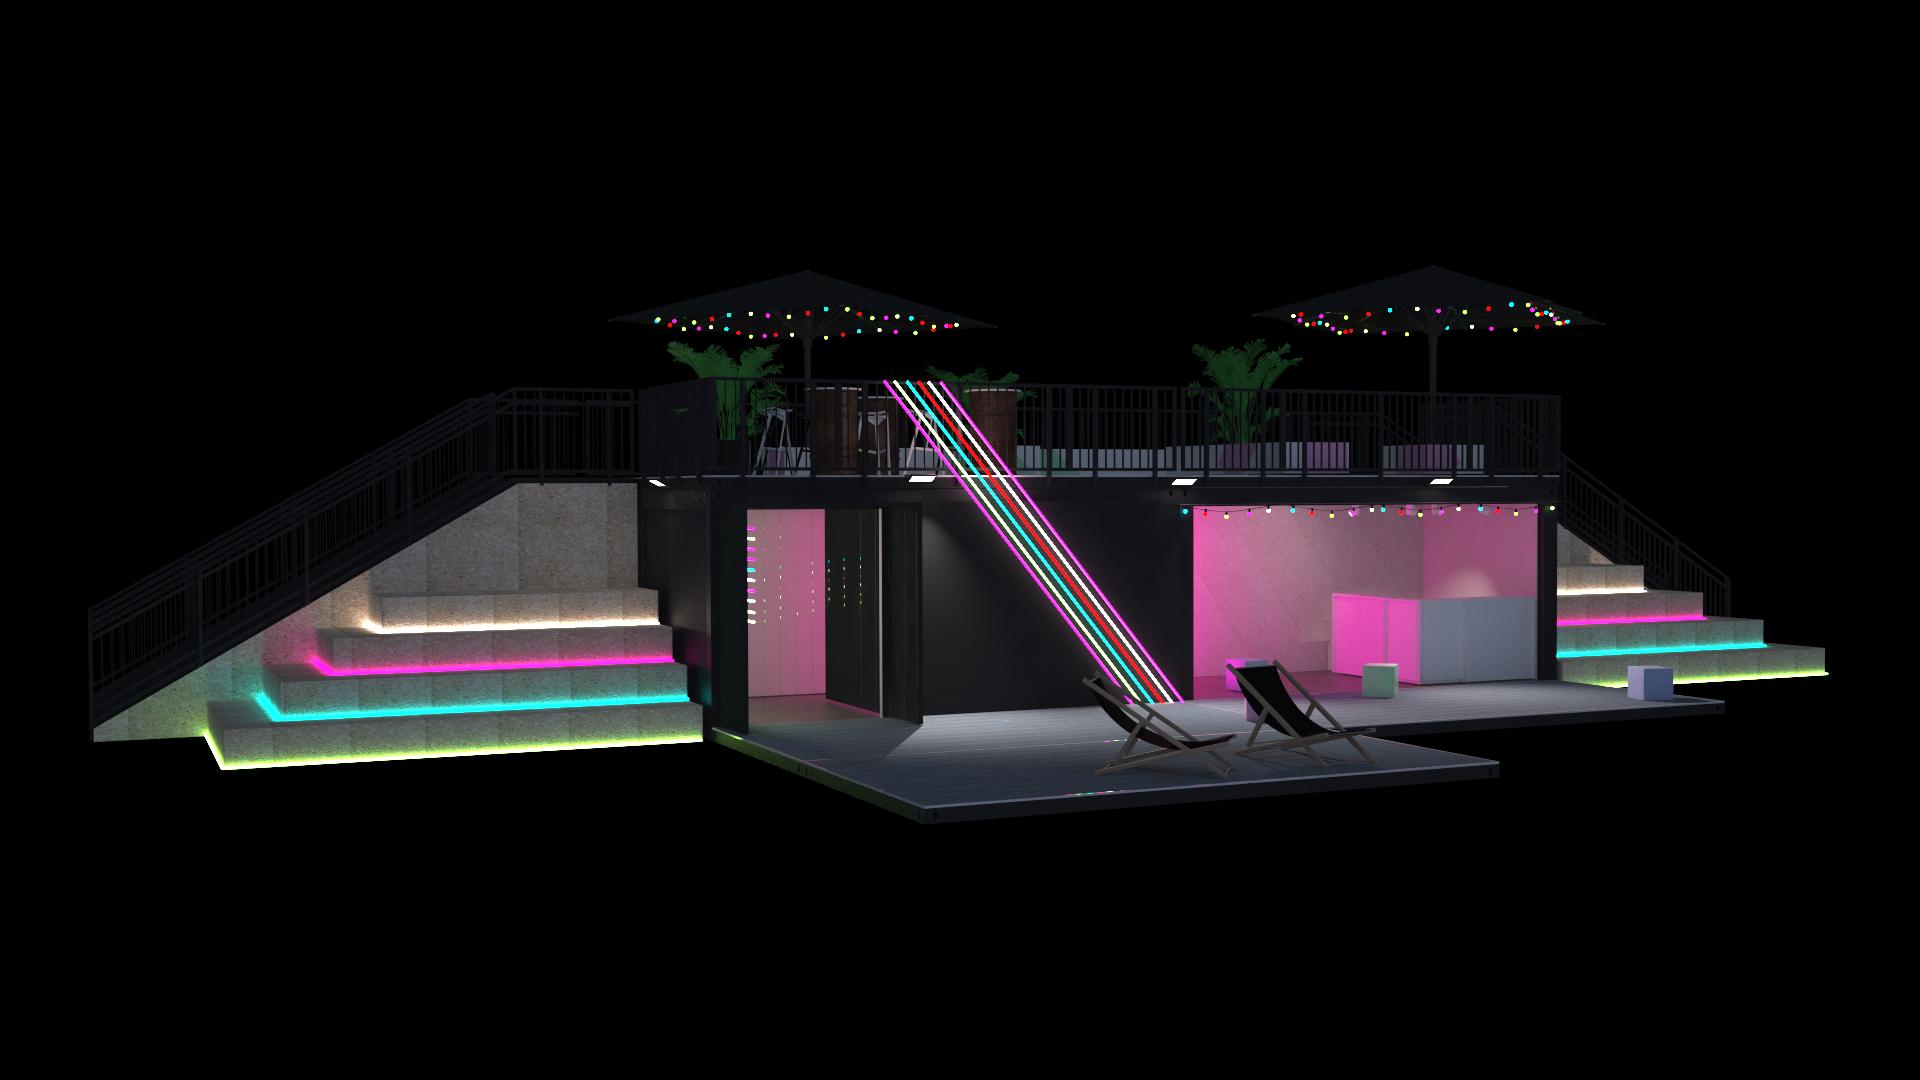 Festival Eventcontainer